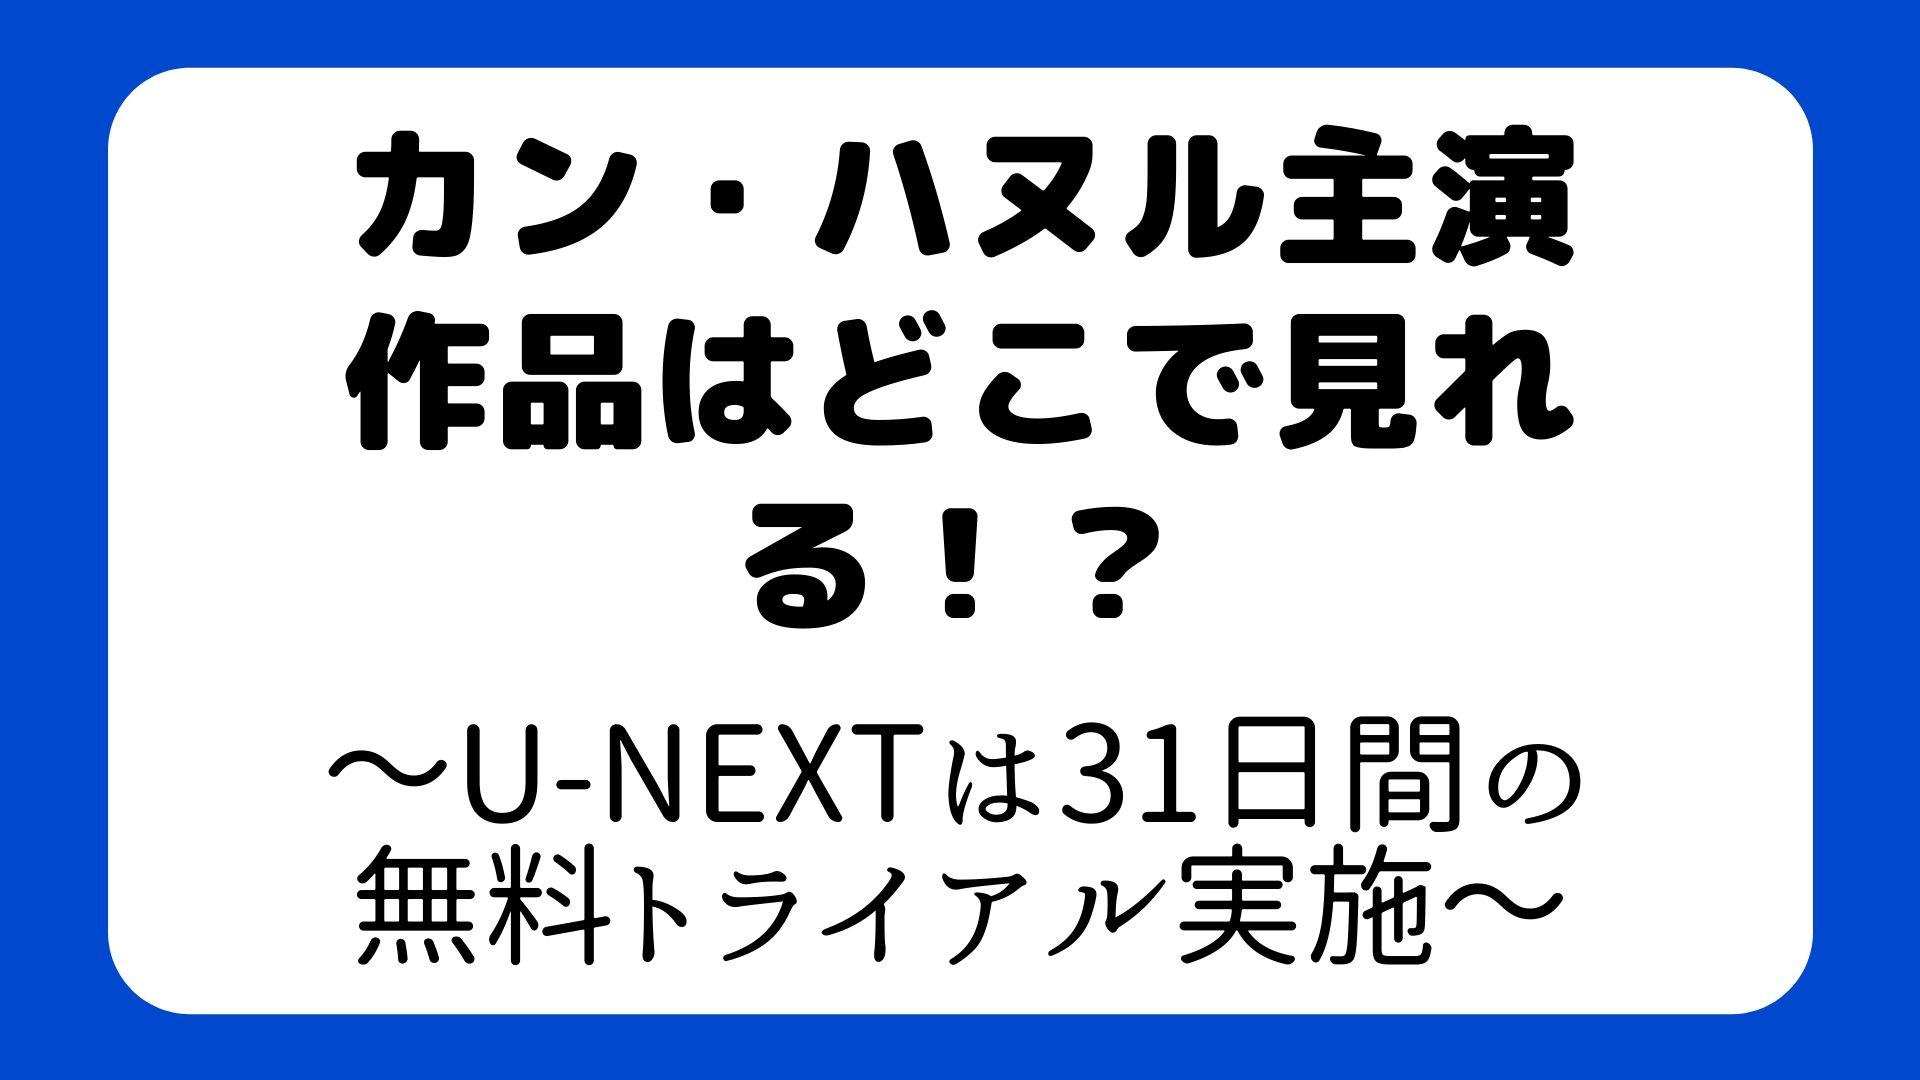 カン・ハヌル主演作品はどこで見れる!?~U-NEXTは31日間の無料トライアル実施~